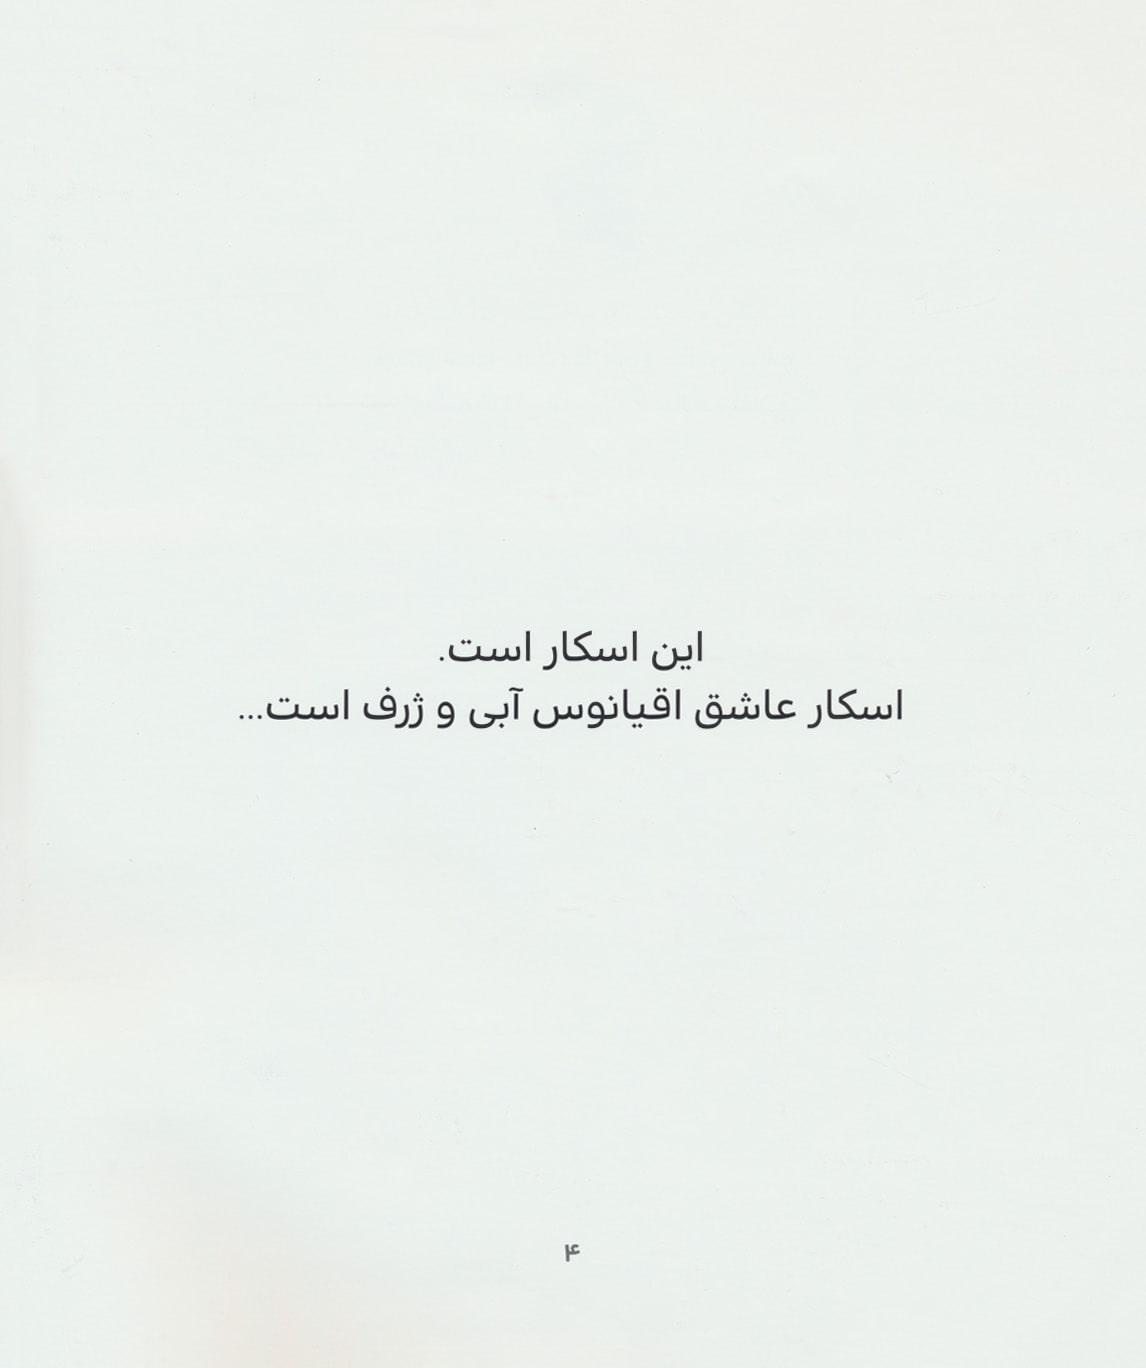 قصه های دوست داشتن 3 (اسکار عاشق چه چیزهایی است؟)